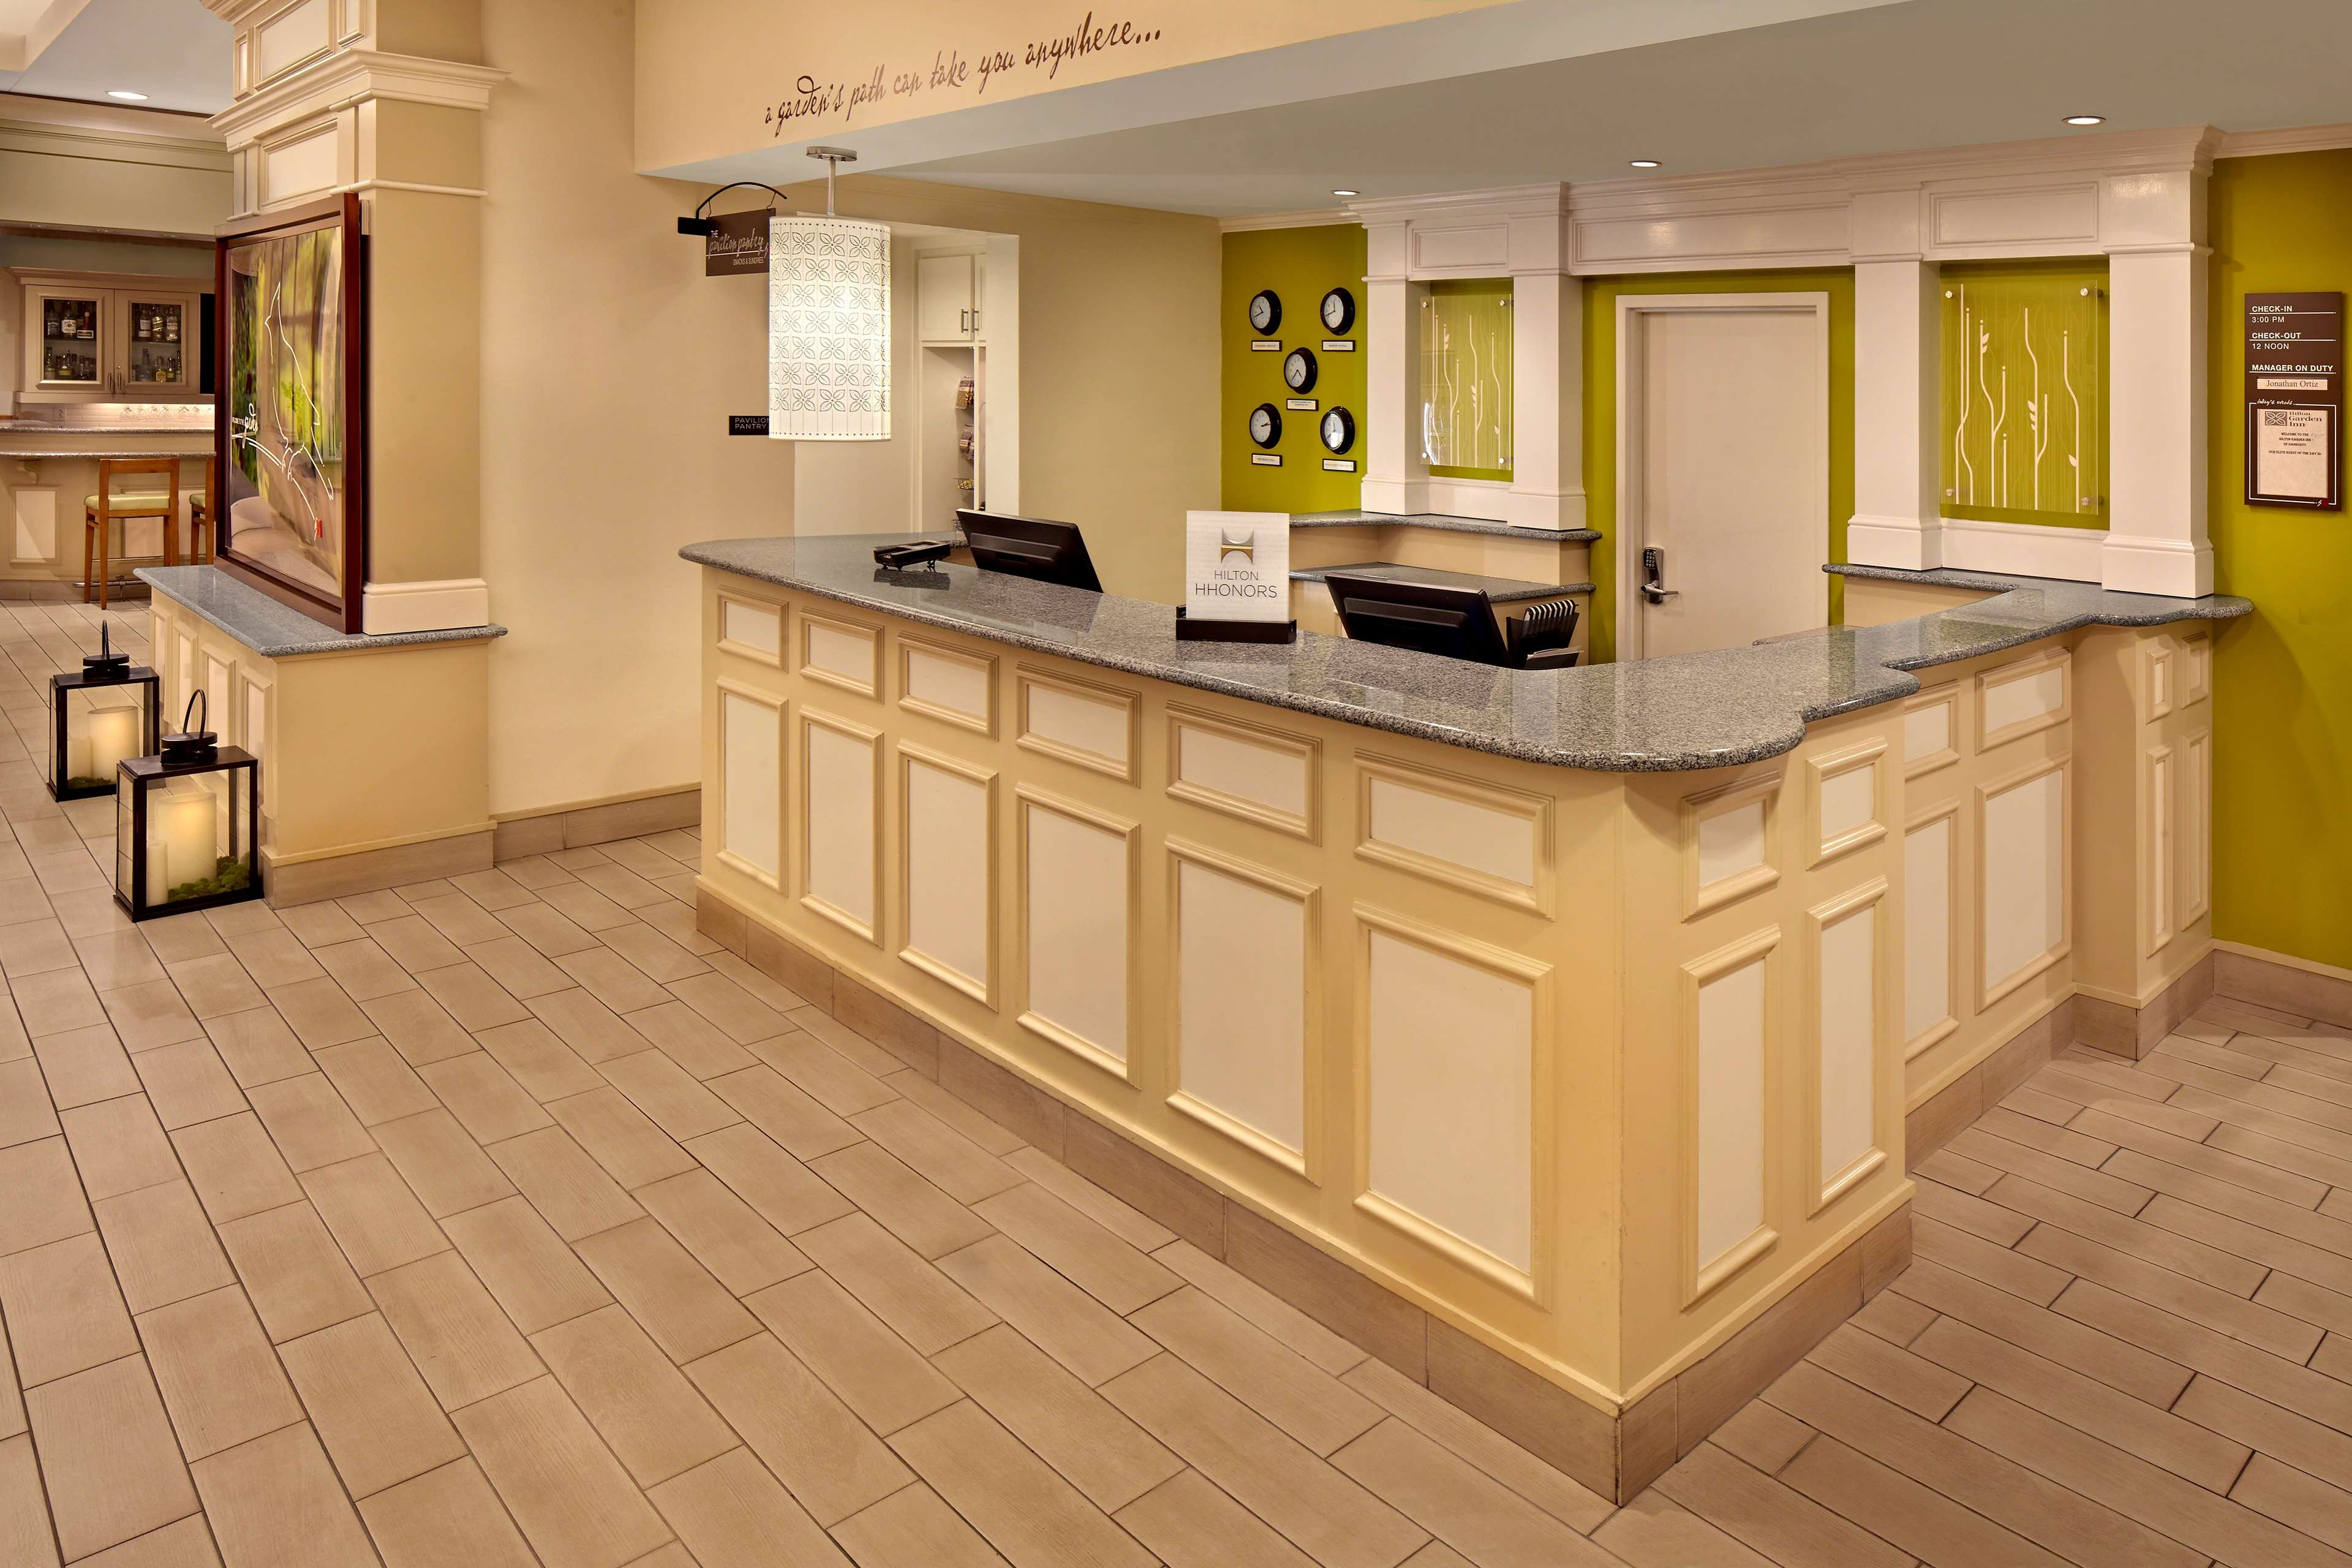 Hilton Garden Inn Danbury image 7